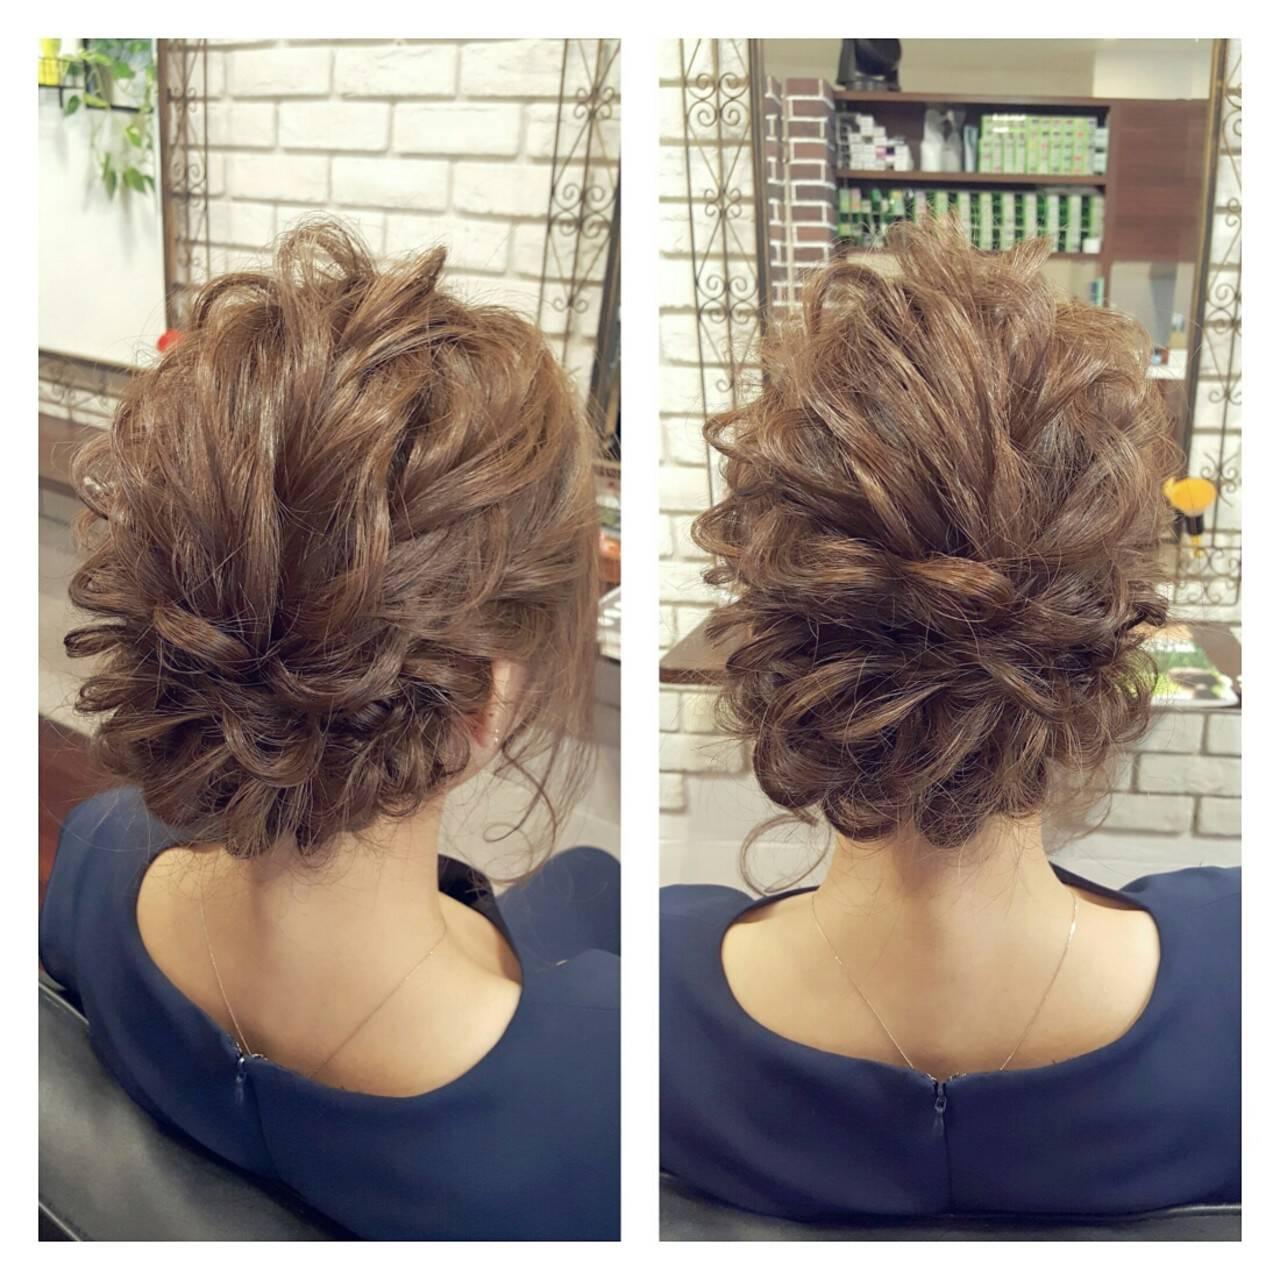 外国人風 大人かわいい 簡単ヘアアレンジ ヘアアレンジヘアスタイルや髪型の写真・画像